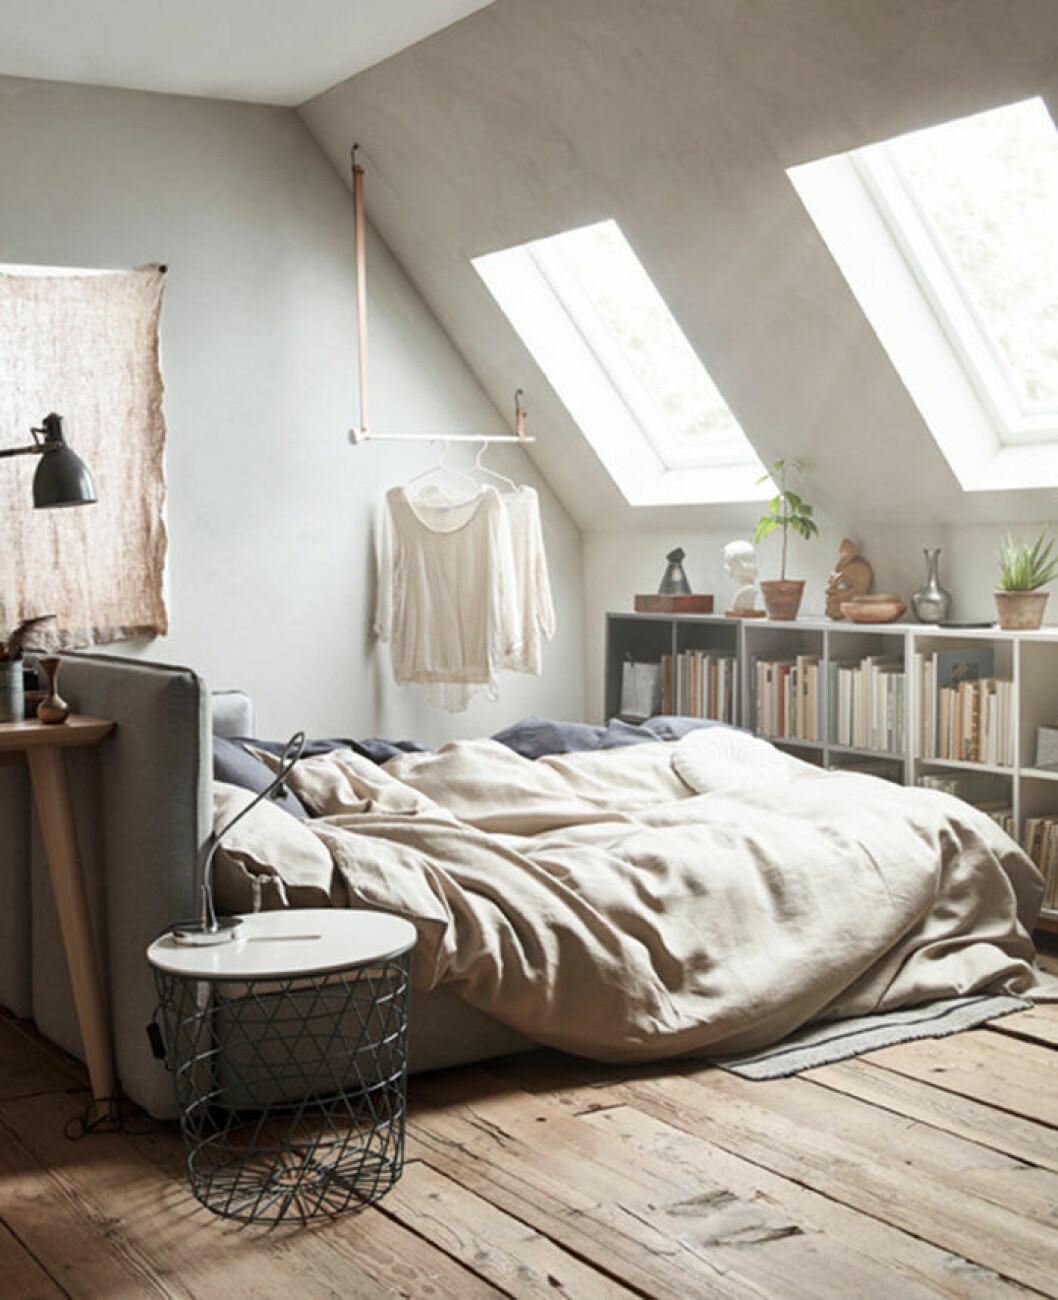 Bäddsoffan Vallentuna som Eva Lilja Löwenhielm designat för Ikea kombinerar förvaring, soffa och säng i ett.